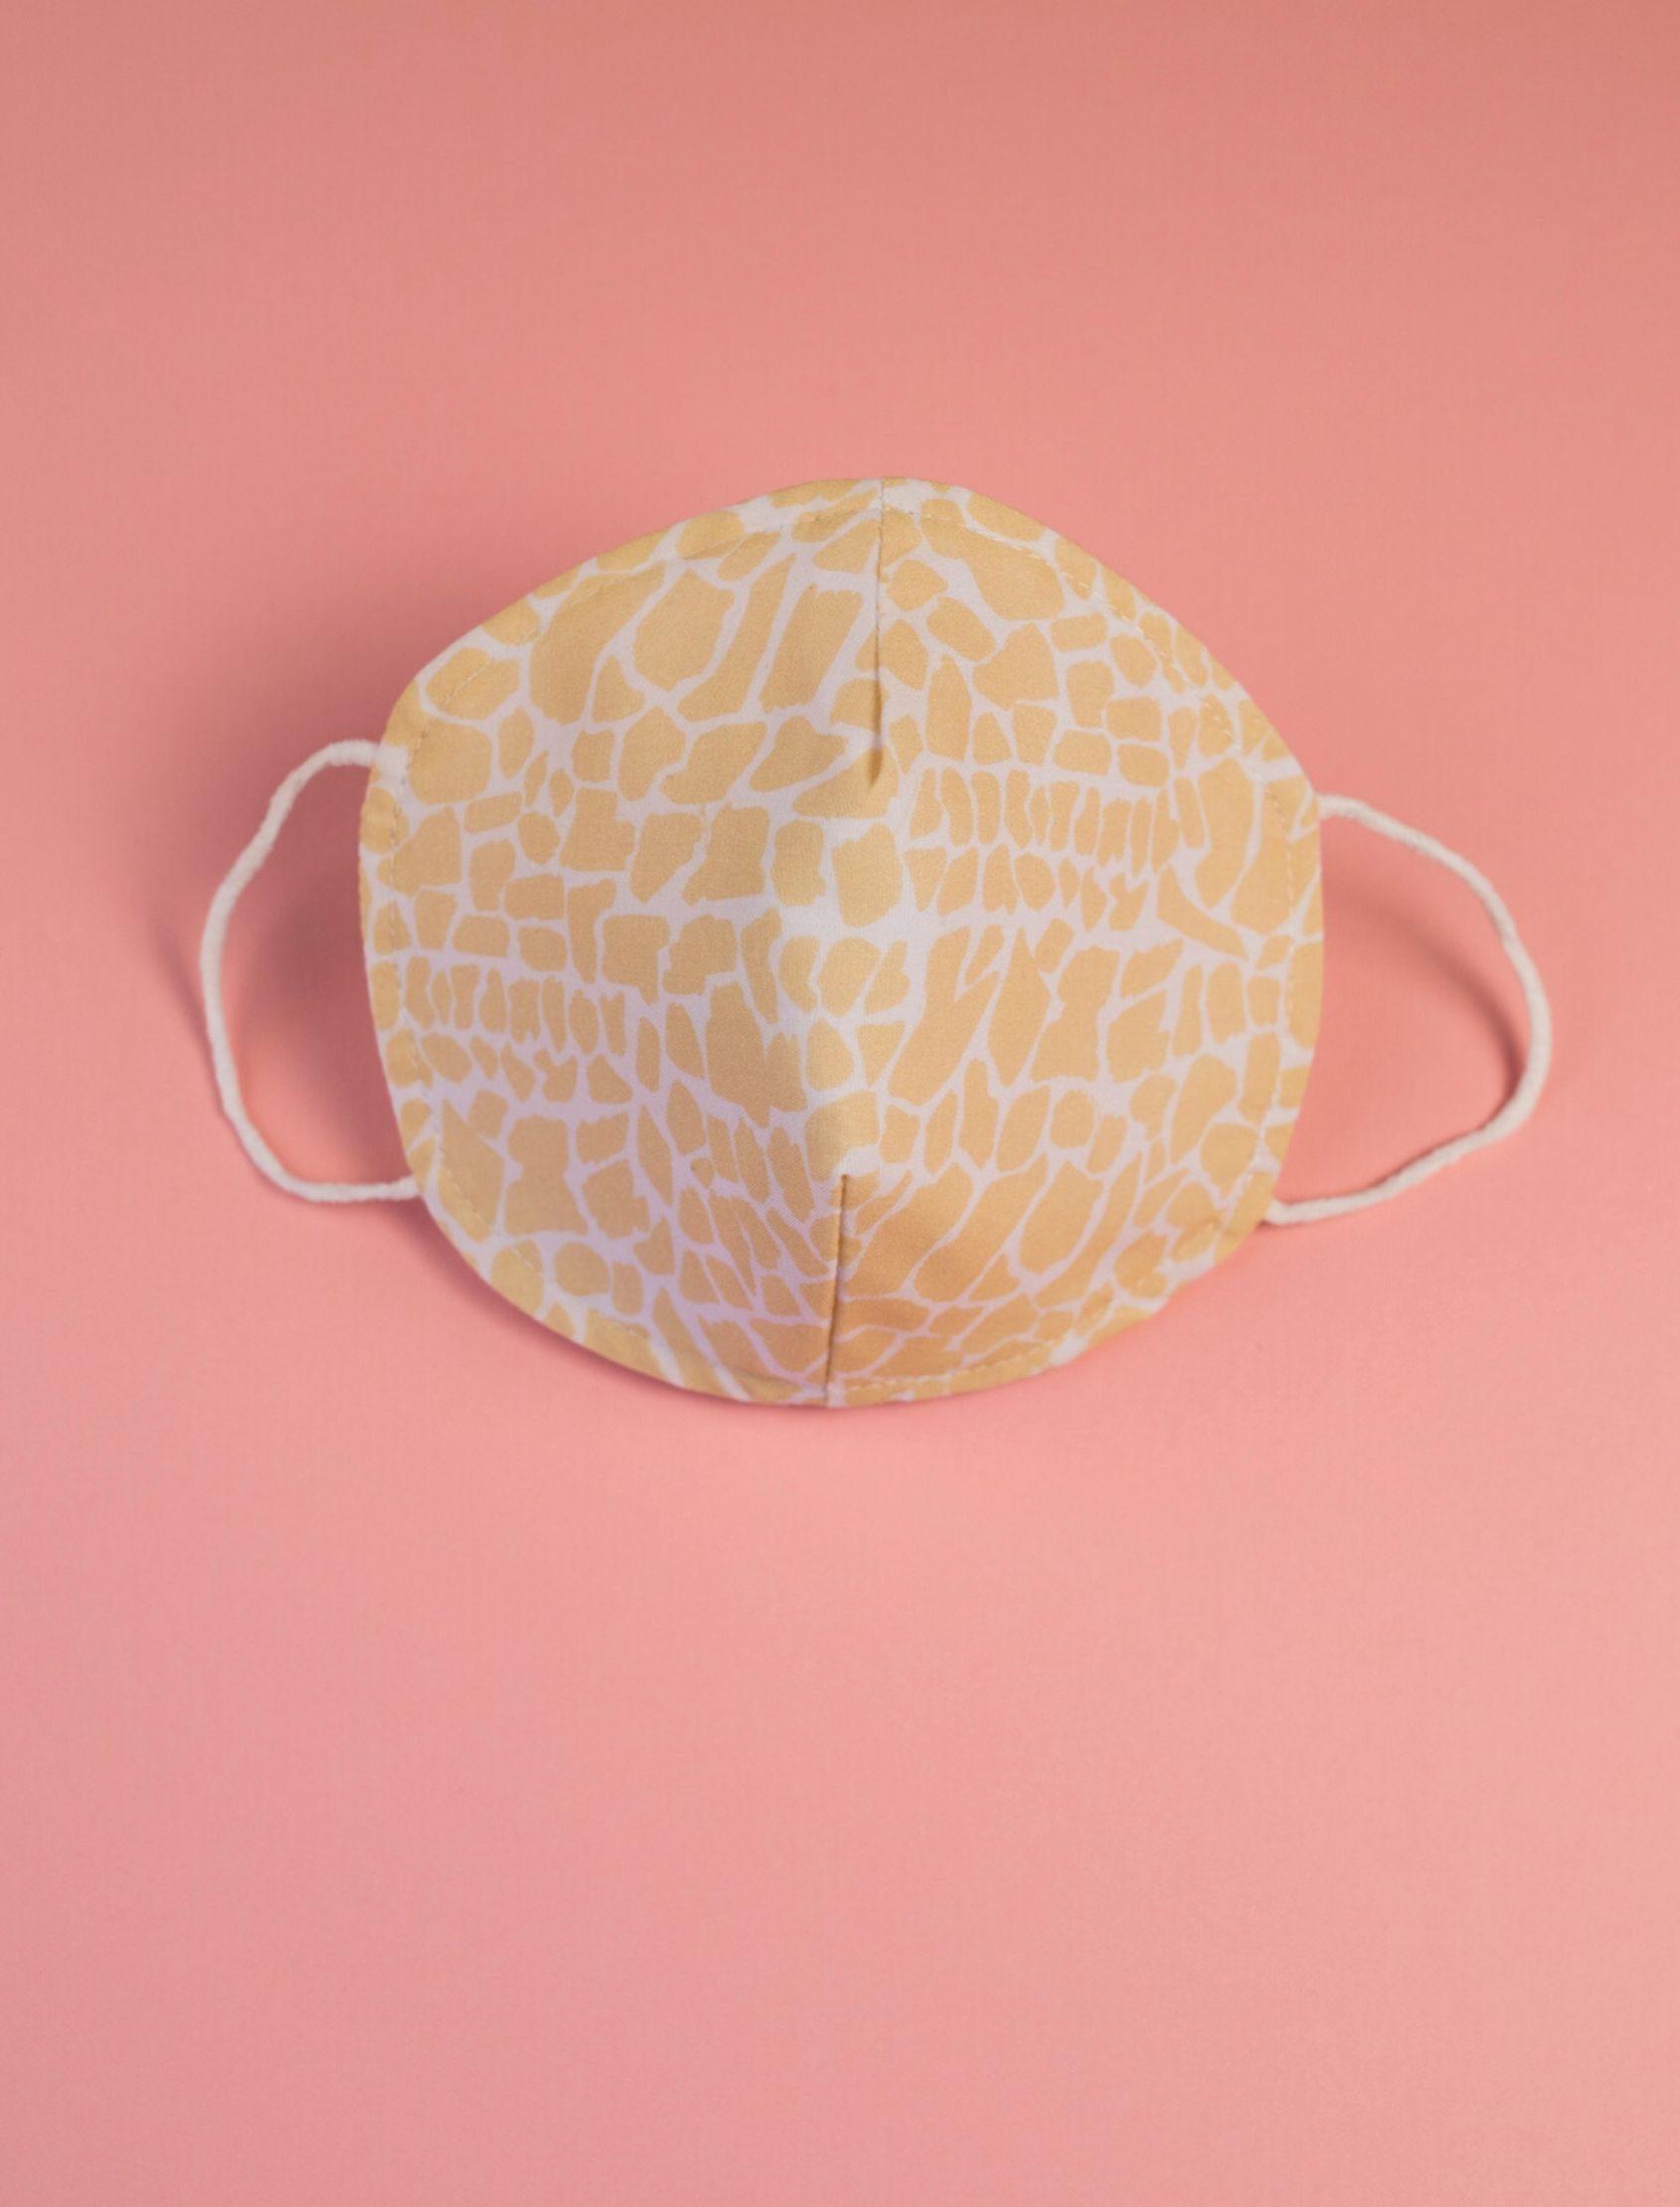 mascarilla infantil con estampado petra en amarillo diseñado por cris domínguez